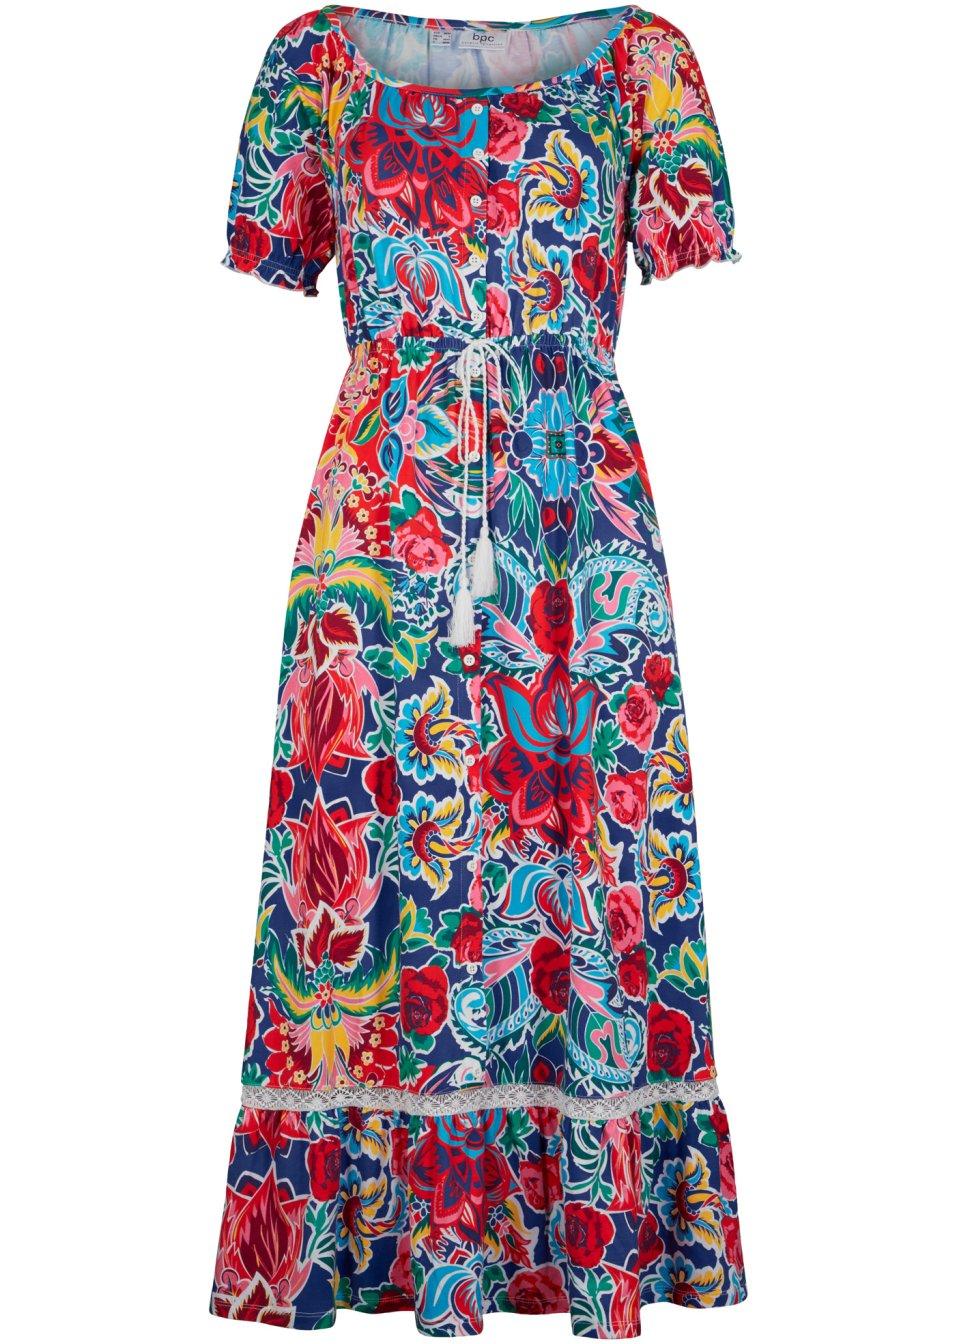 Komfortables Kleid aus angenehmer Baumwoll-Stretch- Qualität und elastischer Taille - gemustert iCj6s nDxem